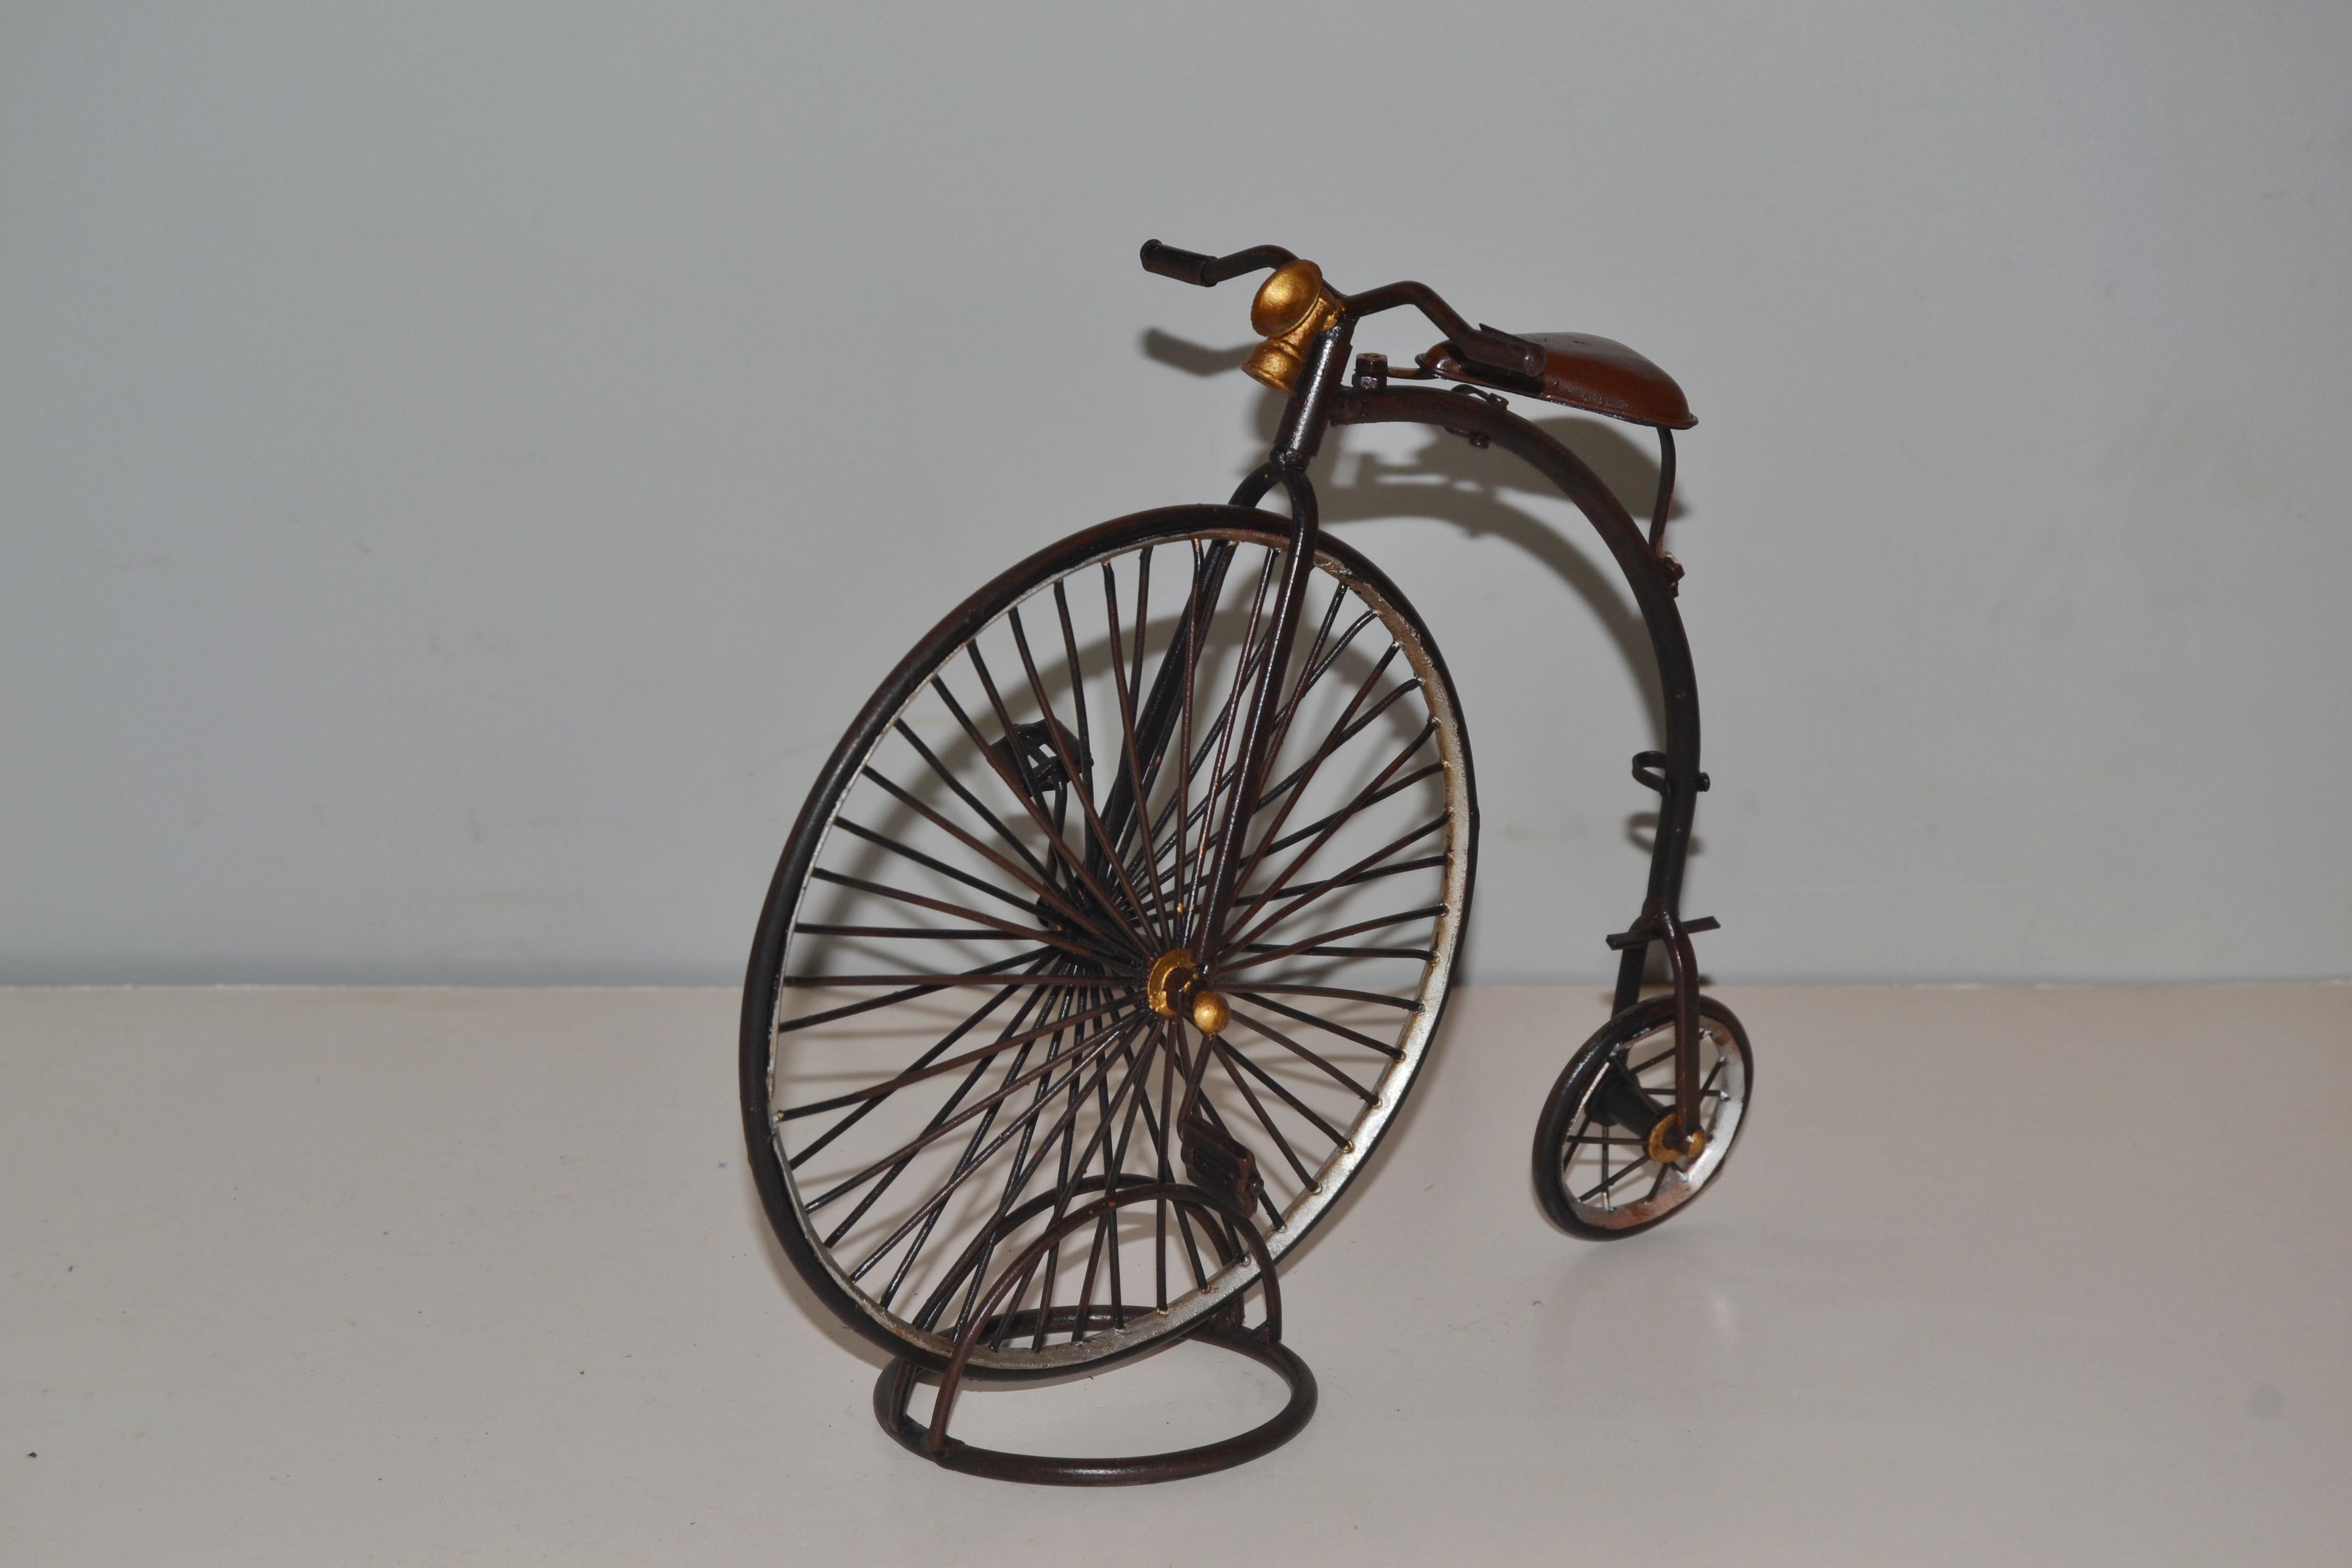 hochrad modell oldtimer fahrradmodell modellfahrrad. Black Bedroom Furniture Sets. Home Design Ideas